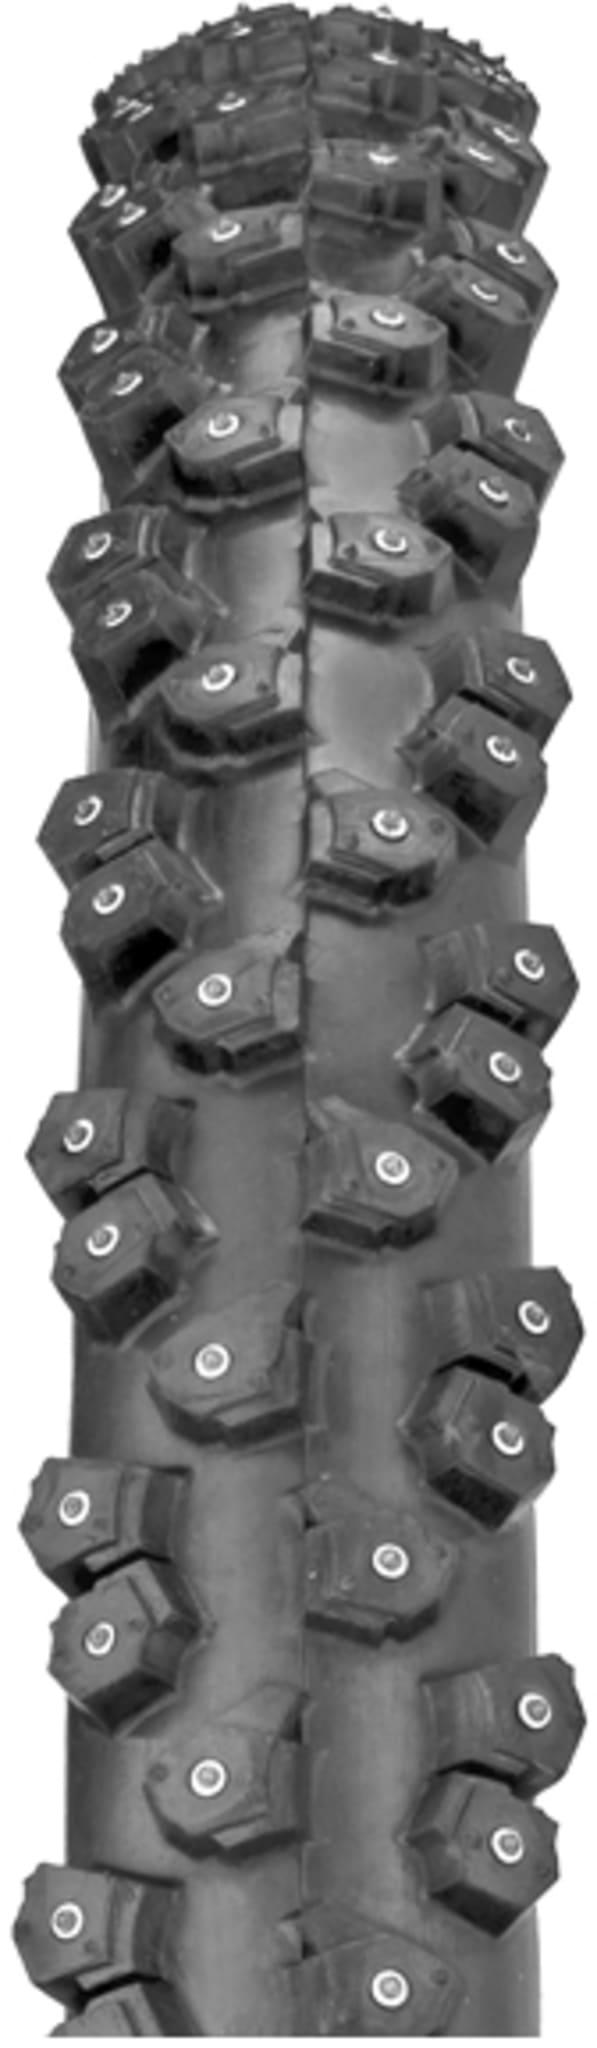 Piggdekk for ekstrem MTB sykling på snø og is med 312 aluminiumspigger